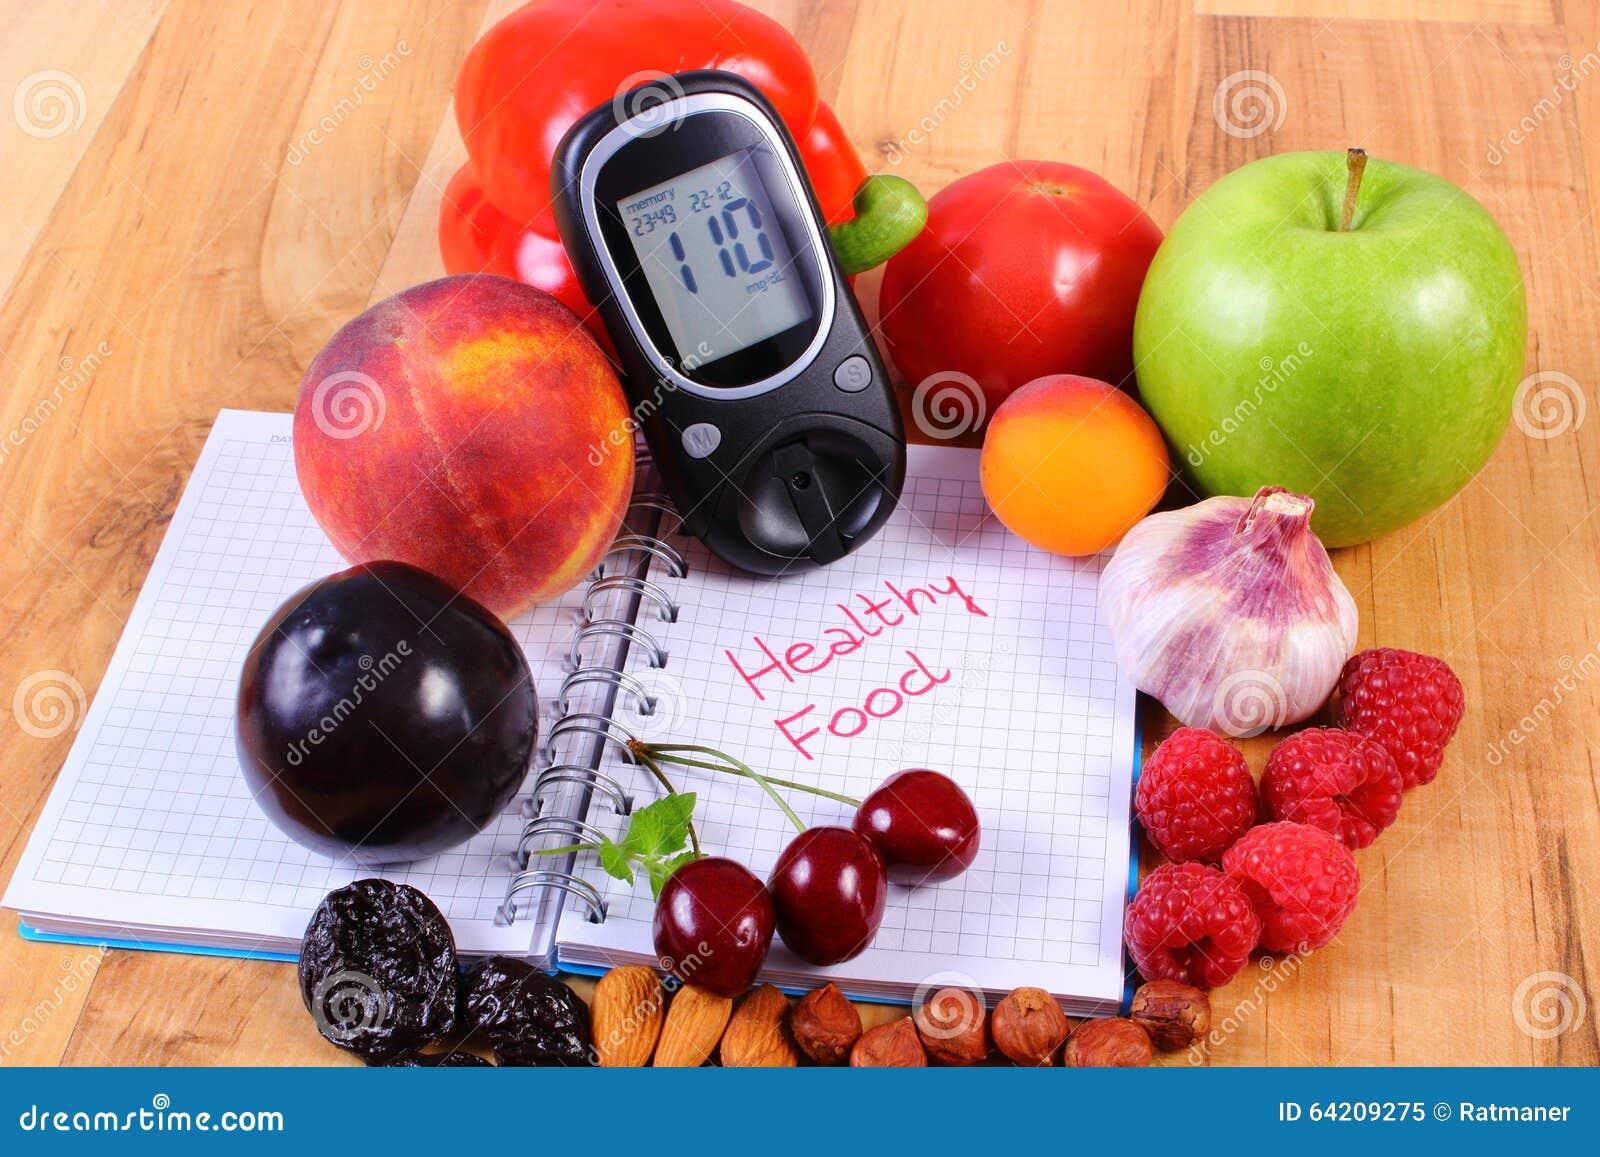 Frutas y verduras con el glucometer y el cuaderno para las notas, comida sana, diabetes